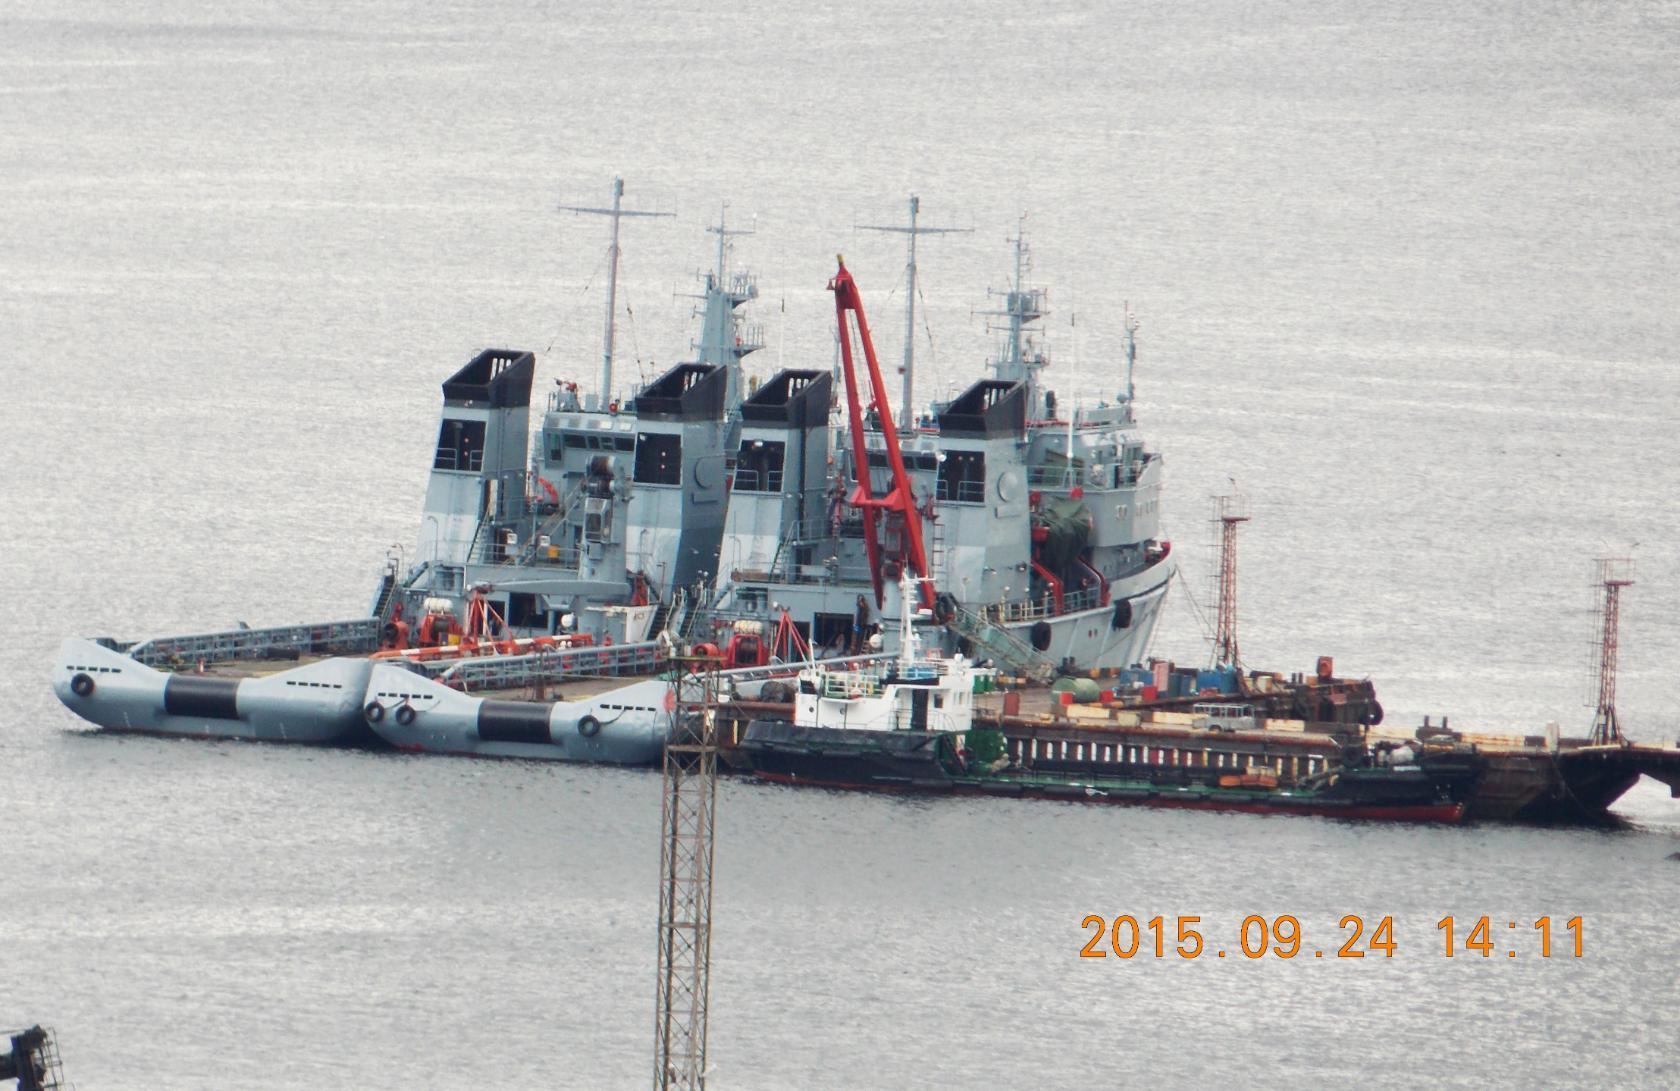 Argentina compra 4 remolcadores rusos - Página 4 Attachment